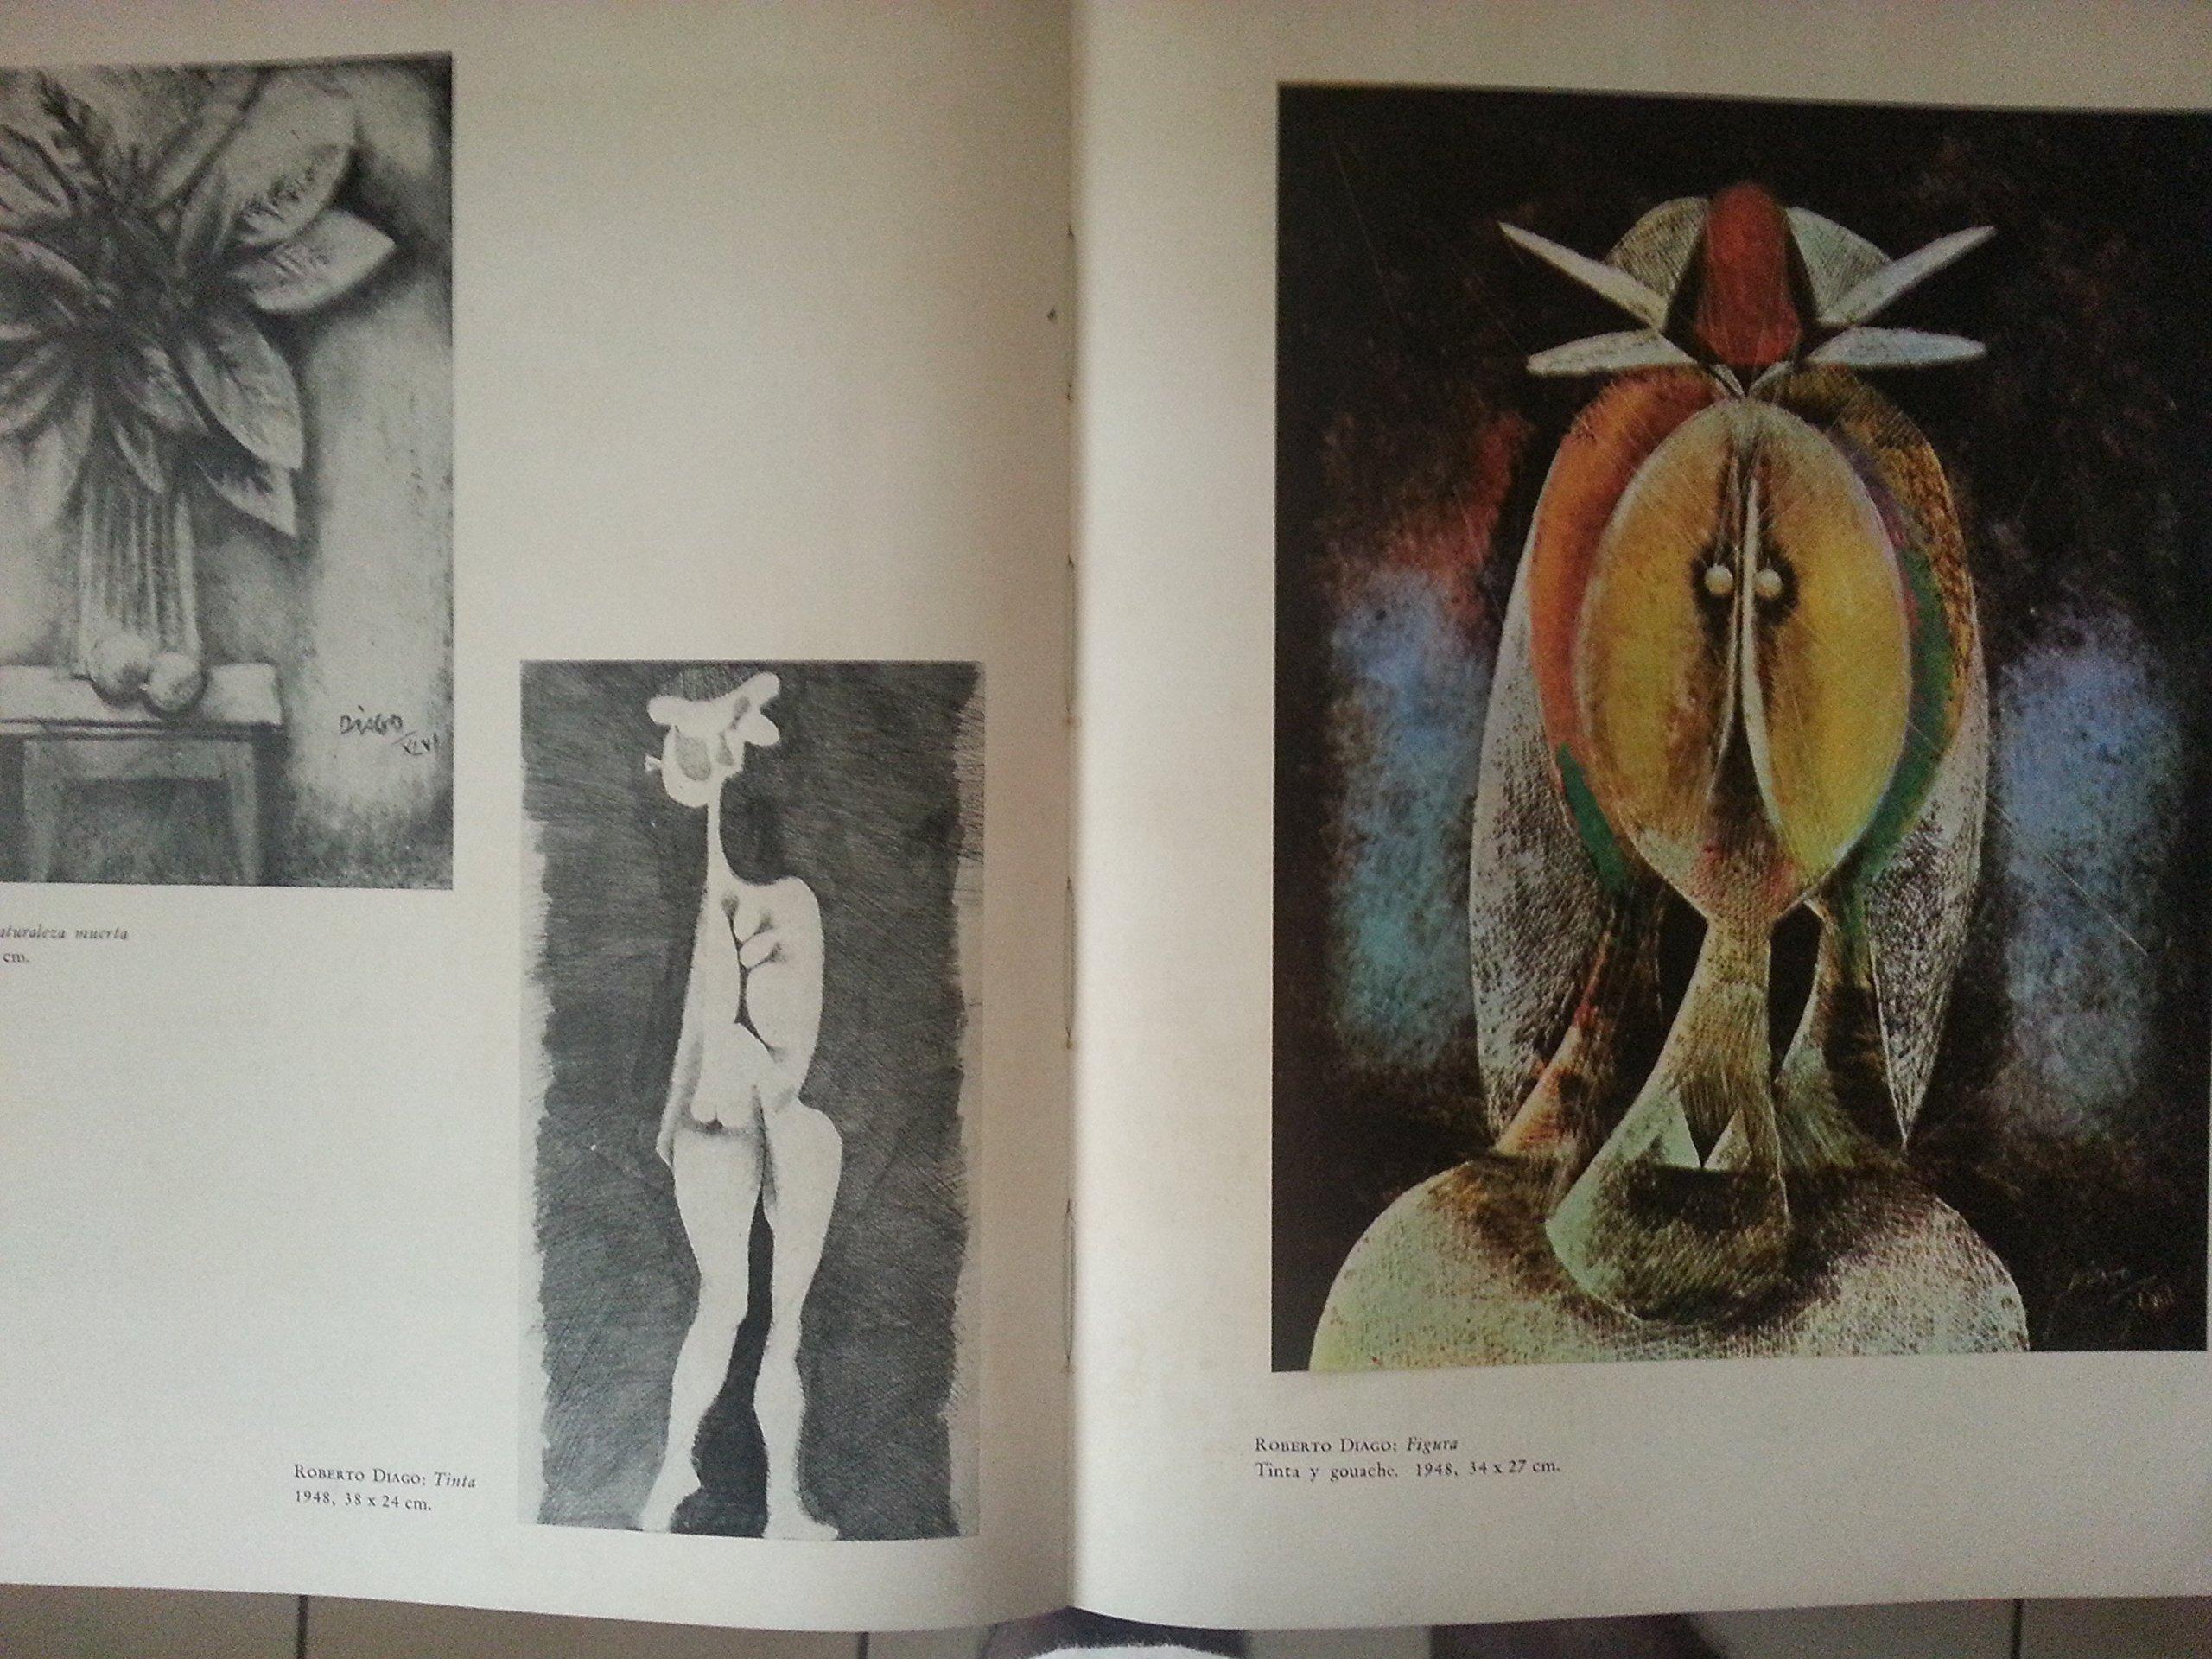 Pintores cubanos.1962.primera edicion, lam, portocarrero, carreno, mariano, amelia pelaez, pogolotti, servando cabrera moreno, abela, victor manuel, ...